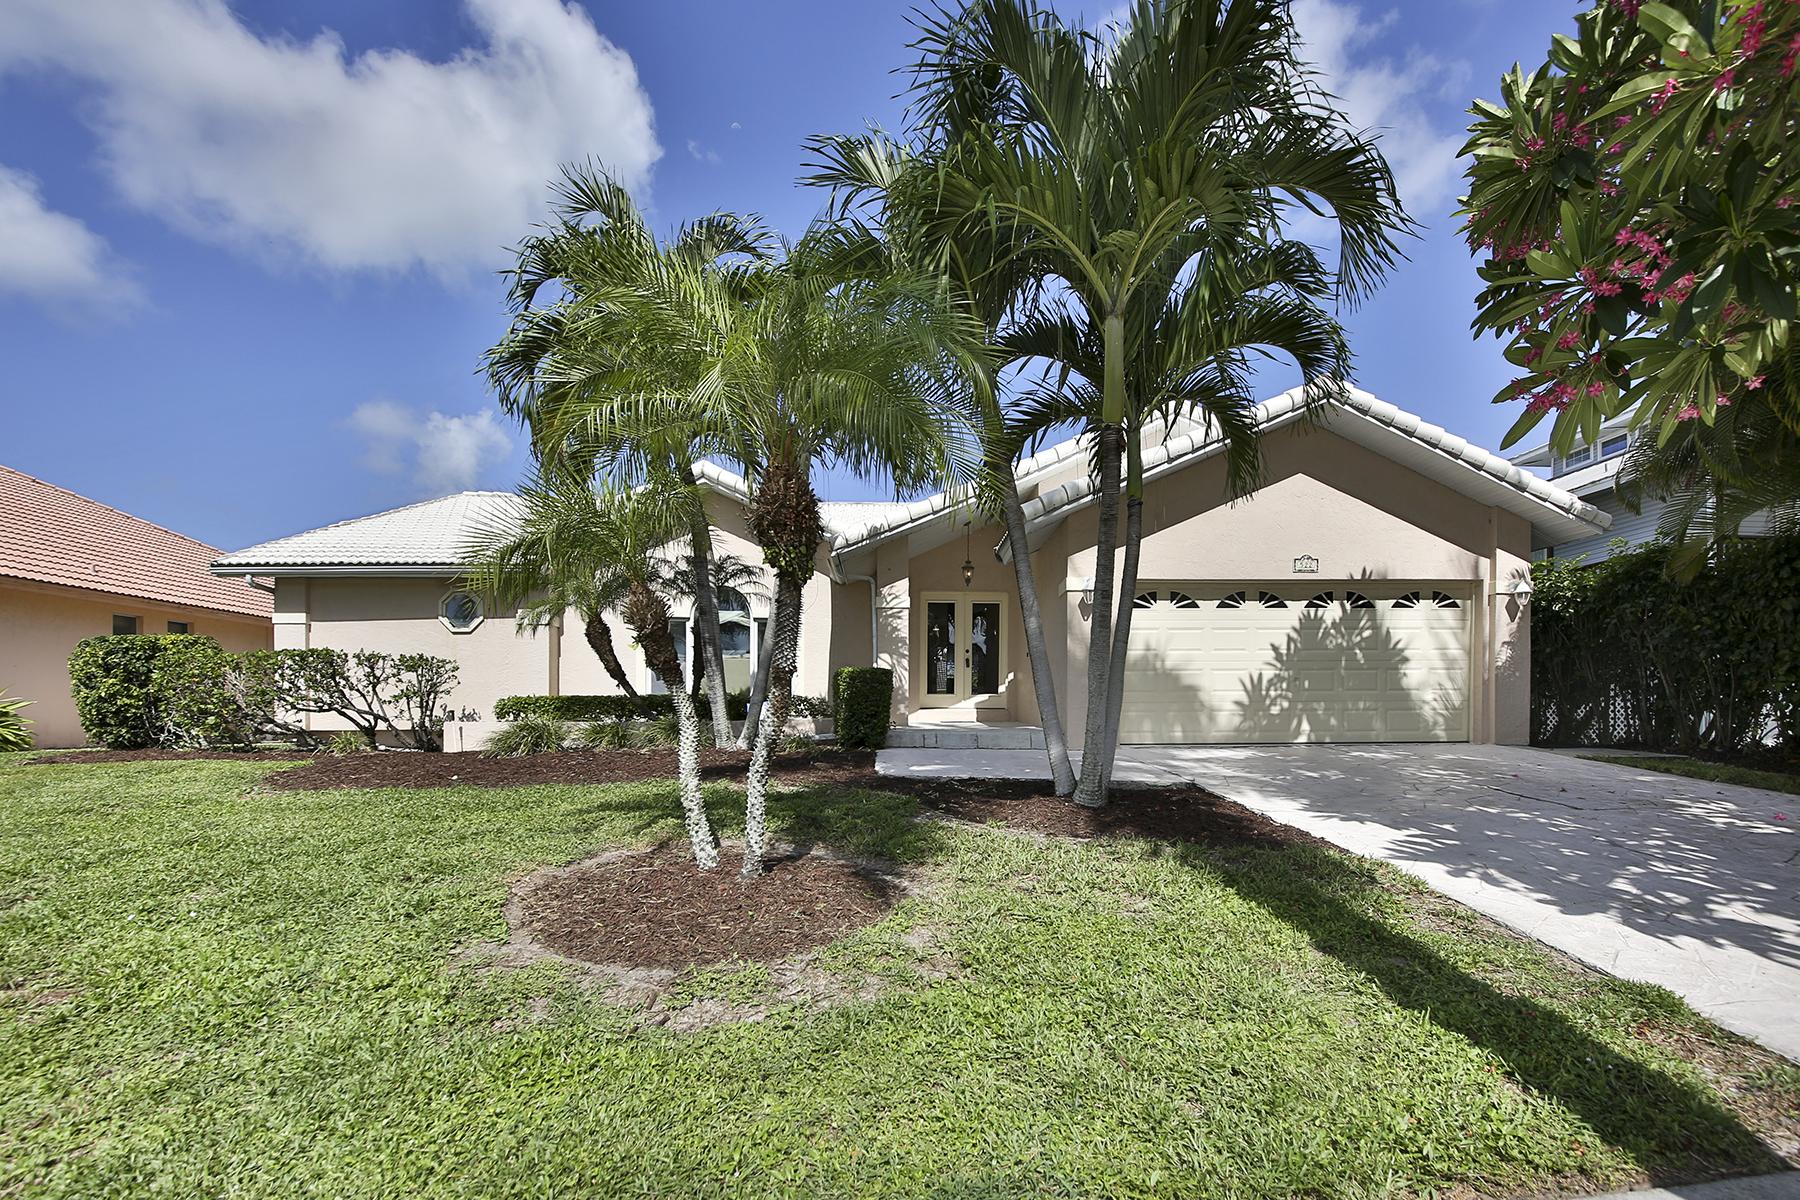 Частный односемейный дом для того Продажа на MARCO ISLAND - BRADFORD COURT 522 Bradford Ct Marco Island, Флорида, 34145 Соединенные Штаты